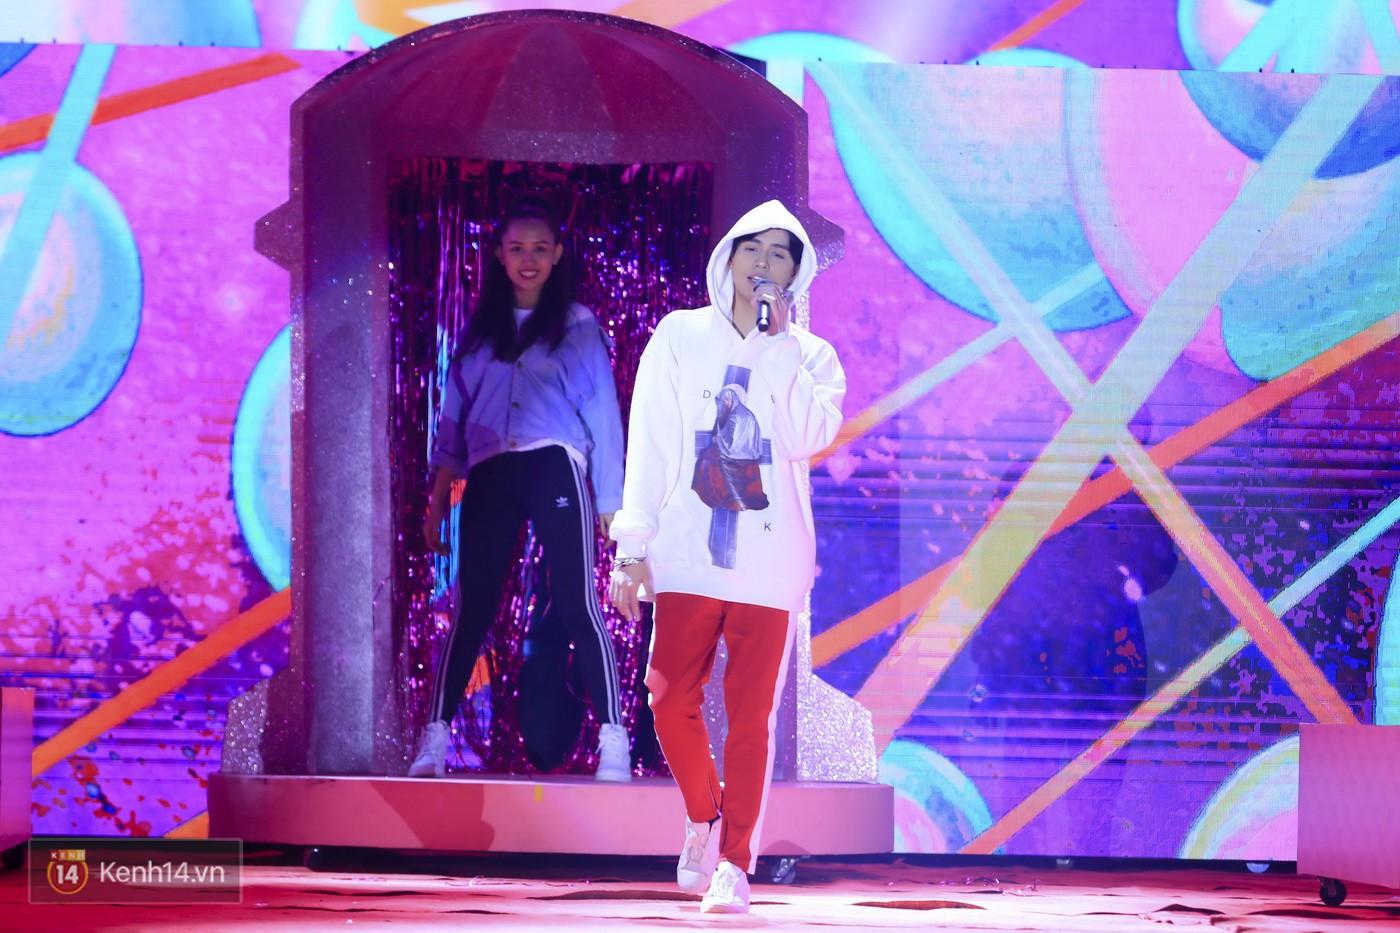 Noo Phước Thịnh tập trung cao độ cho buổi tổng duyệt chính thức trước thềm liveshow kỉ niệm 9 năm ca hát - Ảnh 4.